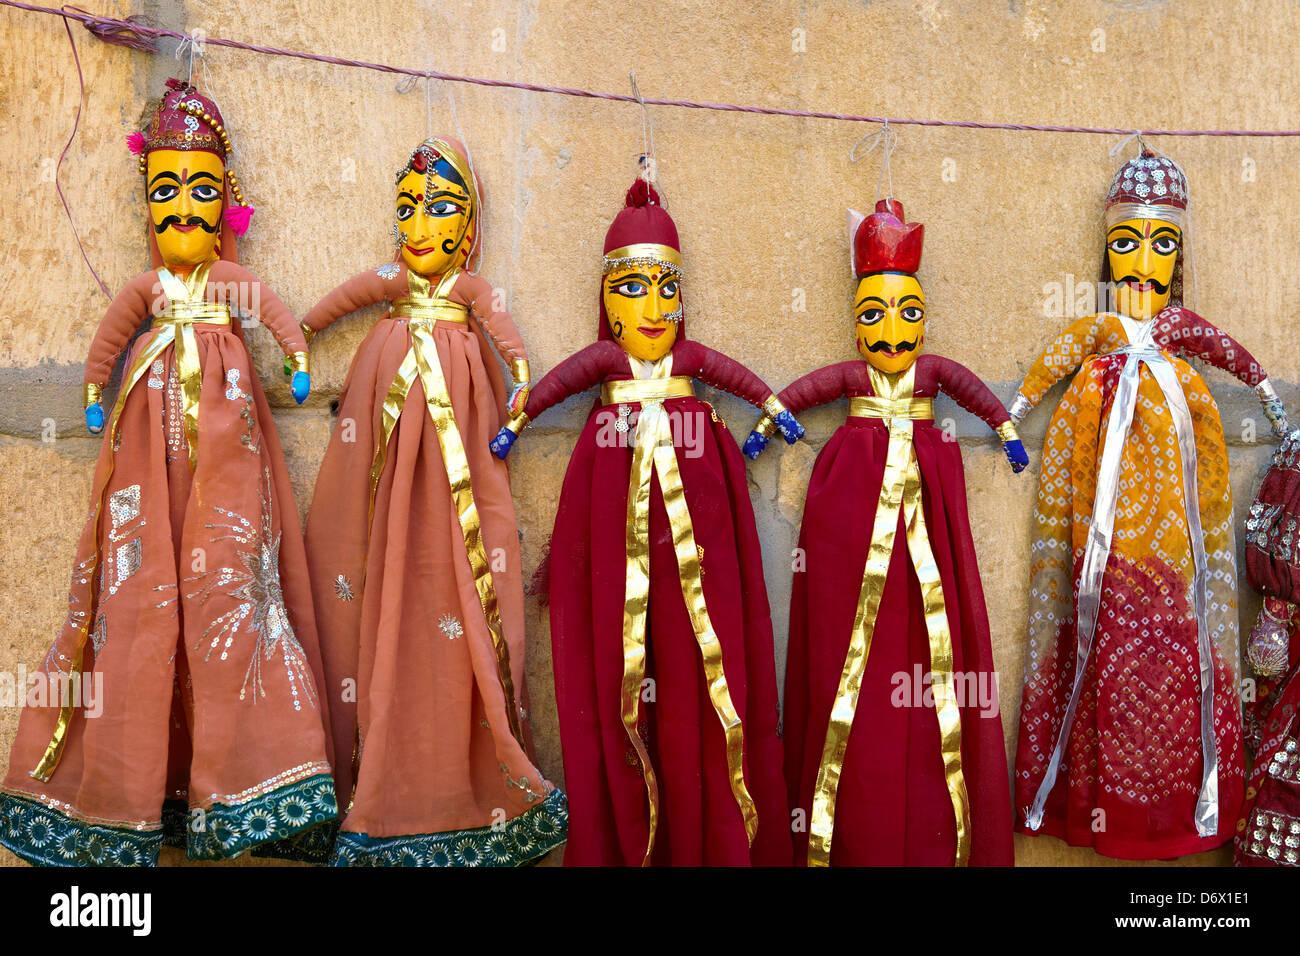 Indiano popolare negozio di souvenir - tradizionali burattini bambole dal nord del Rajasthan, Jaisalmer, India Immagini Stock